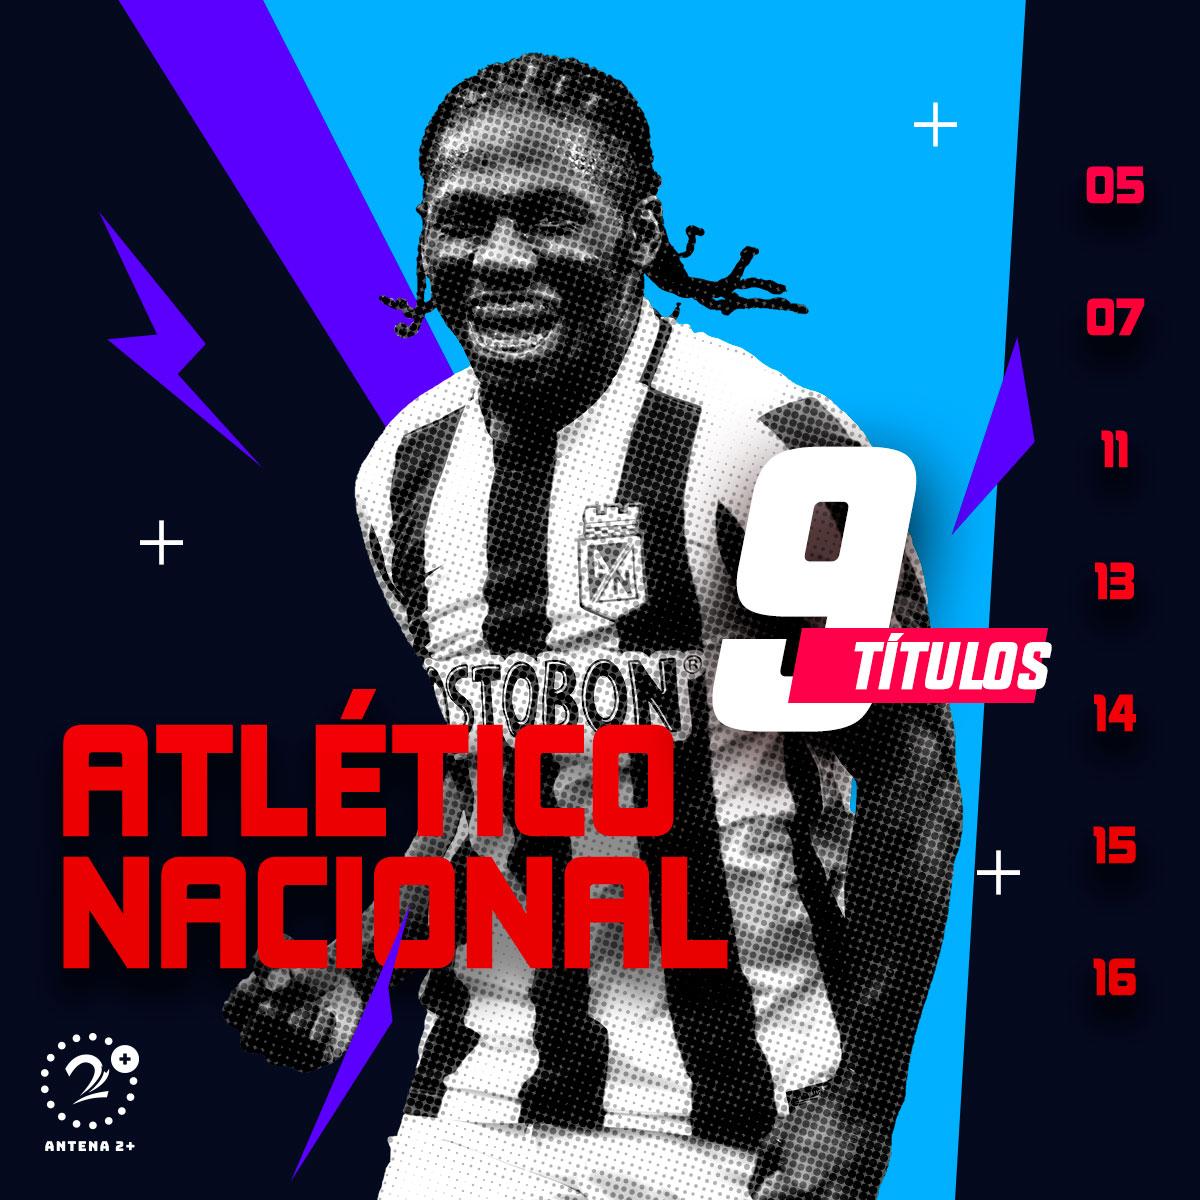 Nacional, campeón en nueve ocasiones a nivel de torneos cortos.